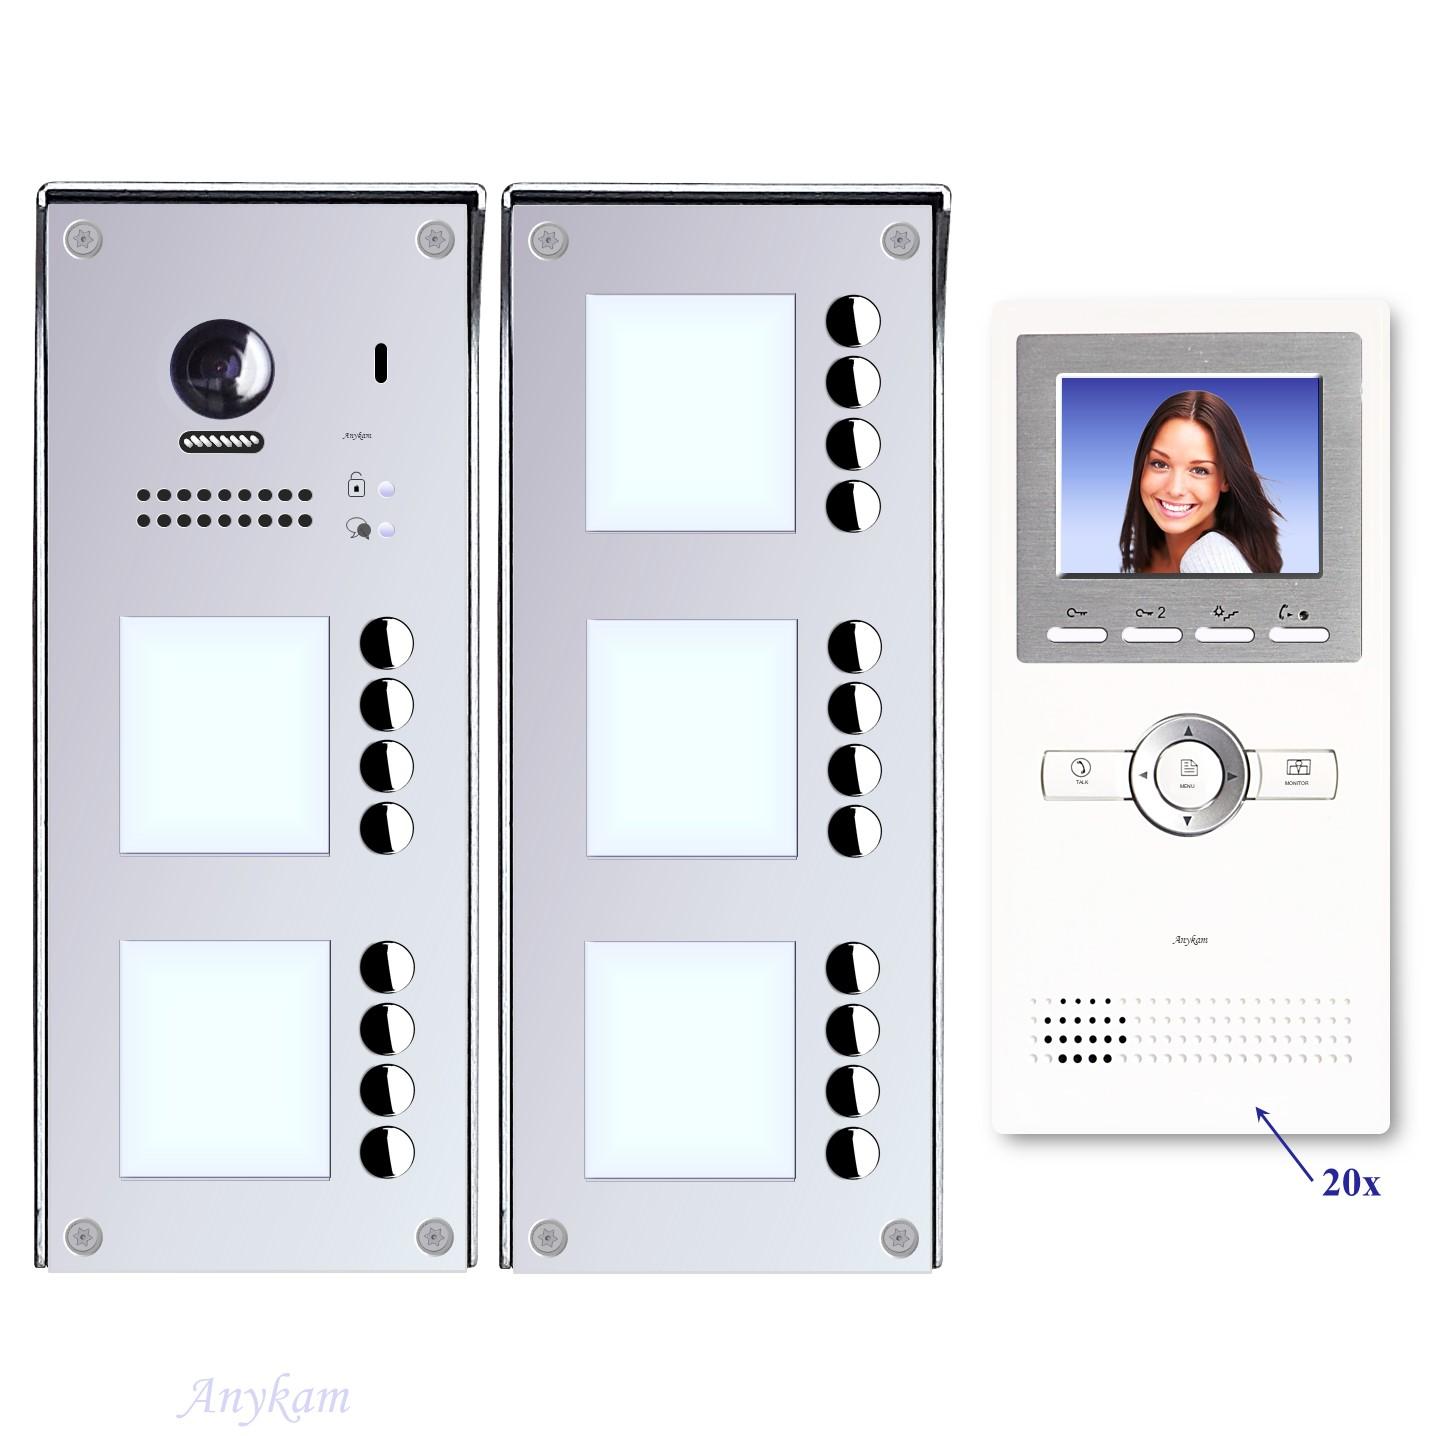 Video Türsprechanlagen mit Kamera 2-draht 9-32-familienhaus mit Edelstahl Klingel 608idfe-S9-32 Aufputzmontage